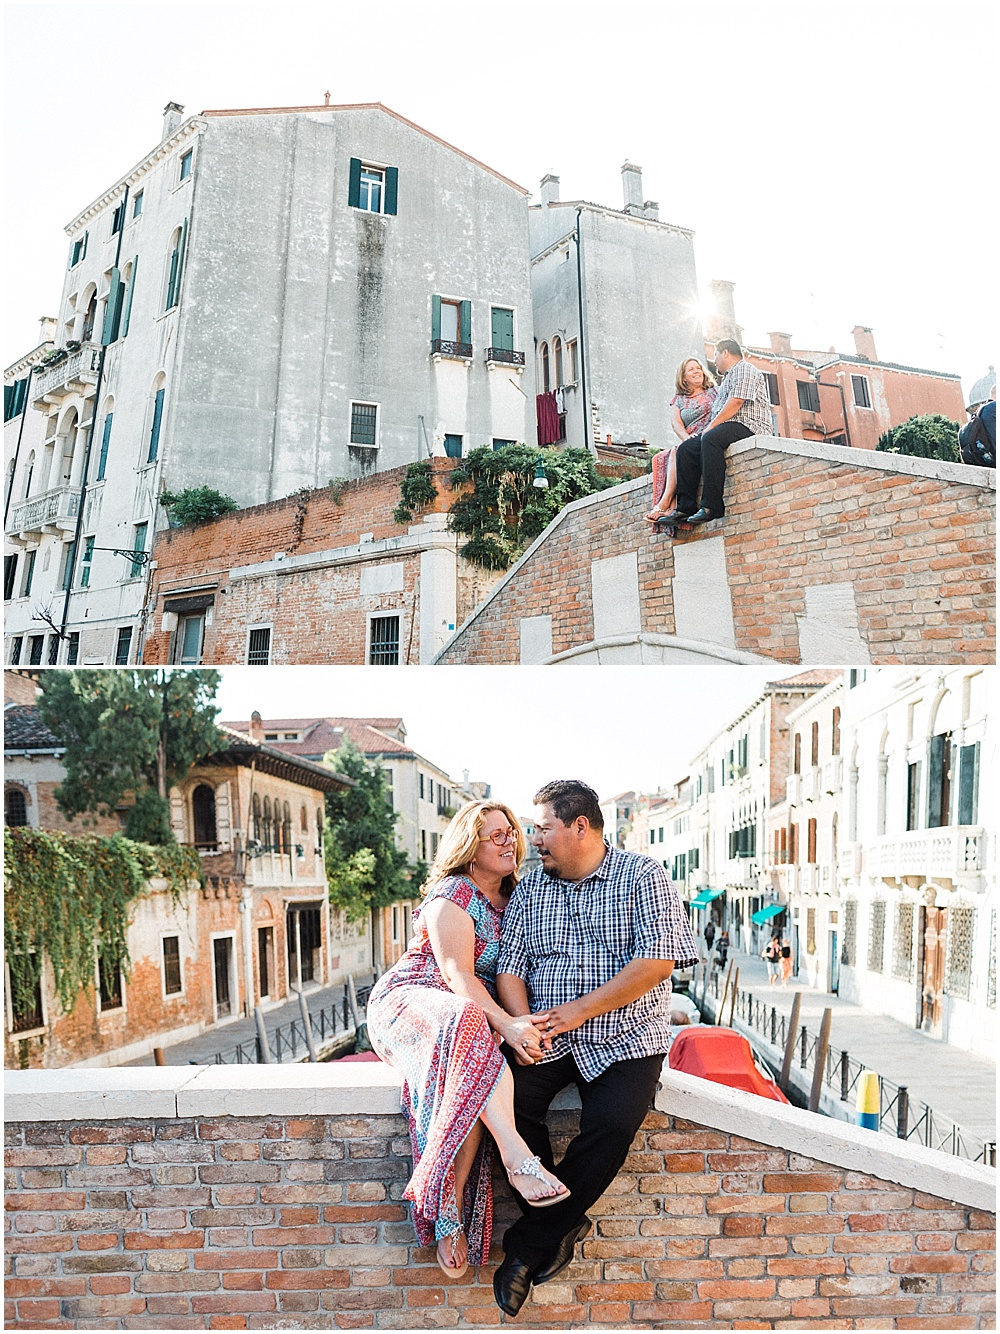 Venice-italy-wedding-photographer-stefano-degirmenci_0115.jpg